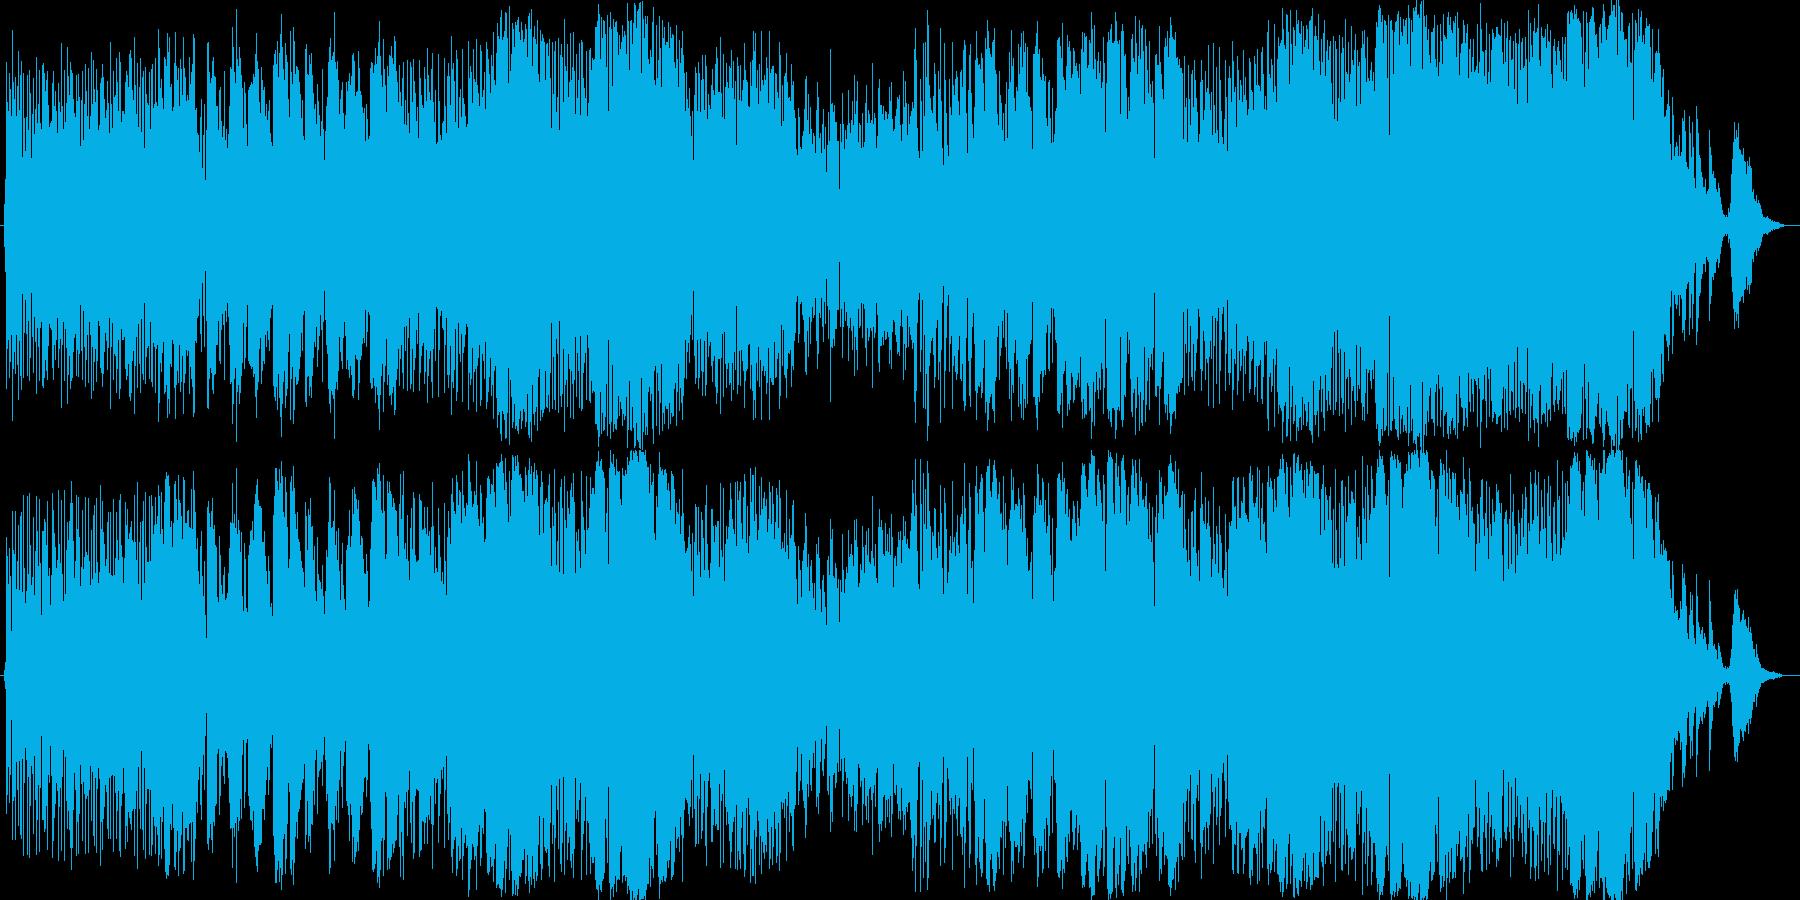 番組やイベントOPを想定したインスト曲の再生済みの波形